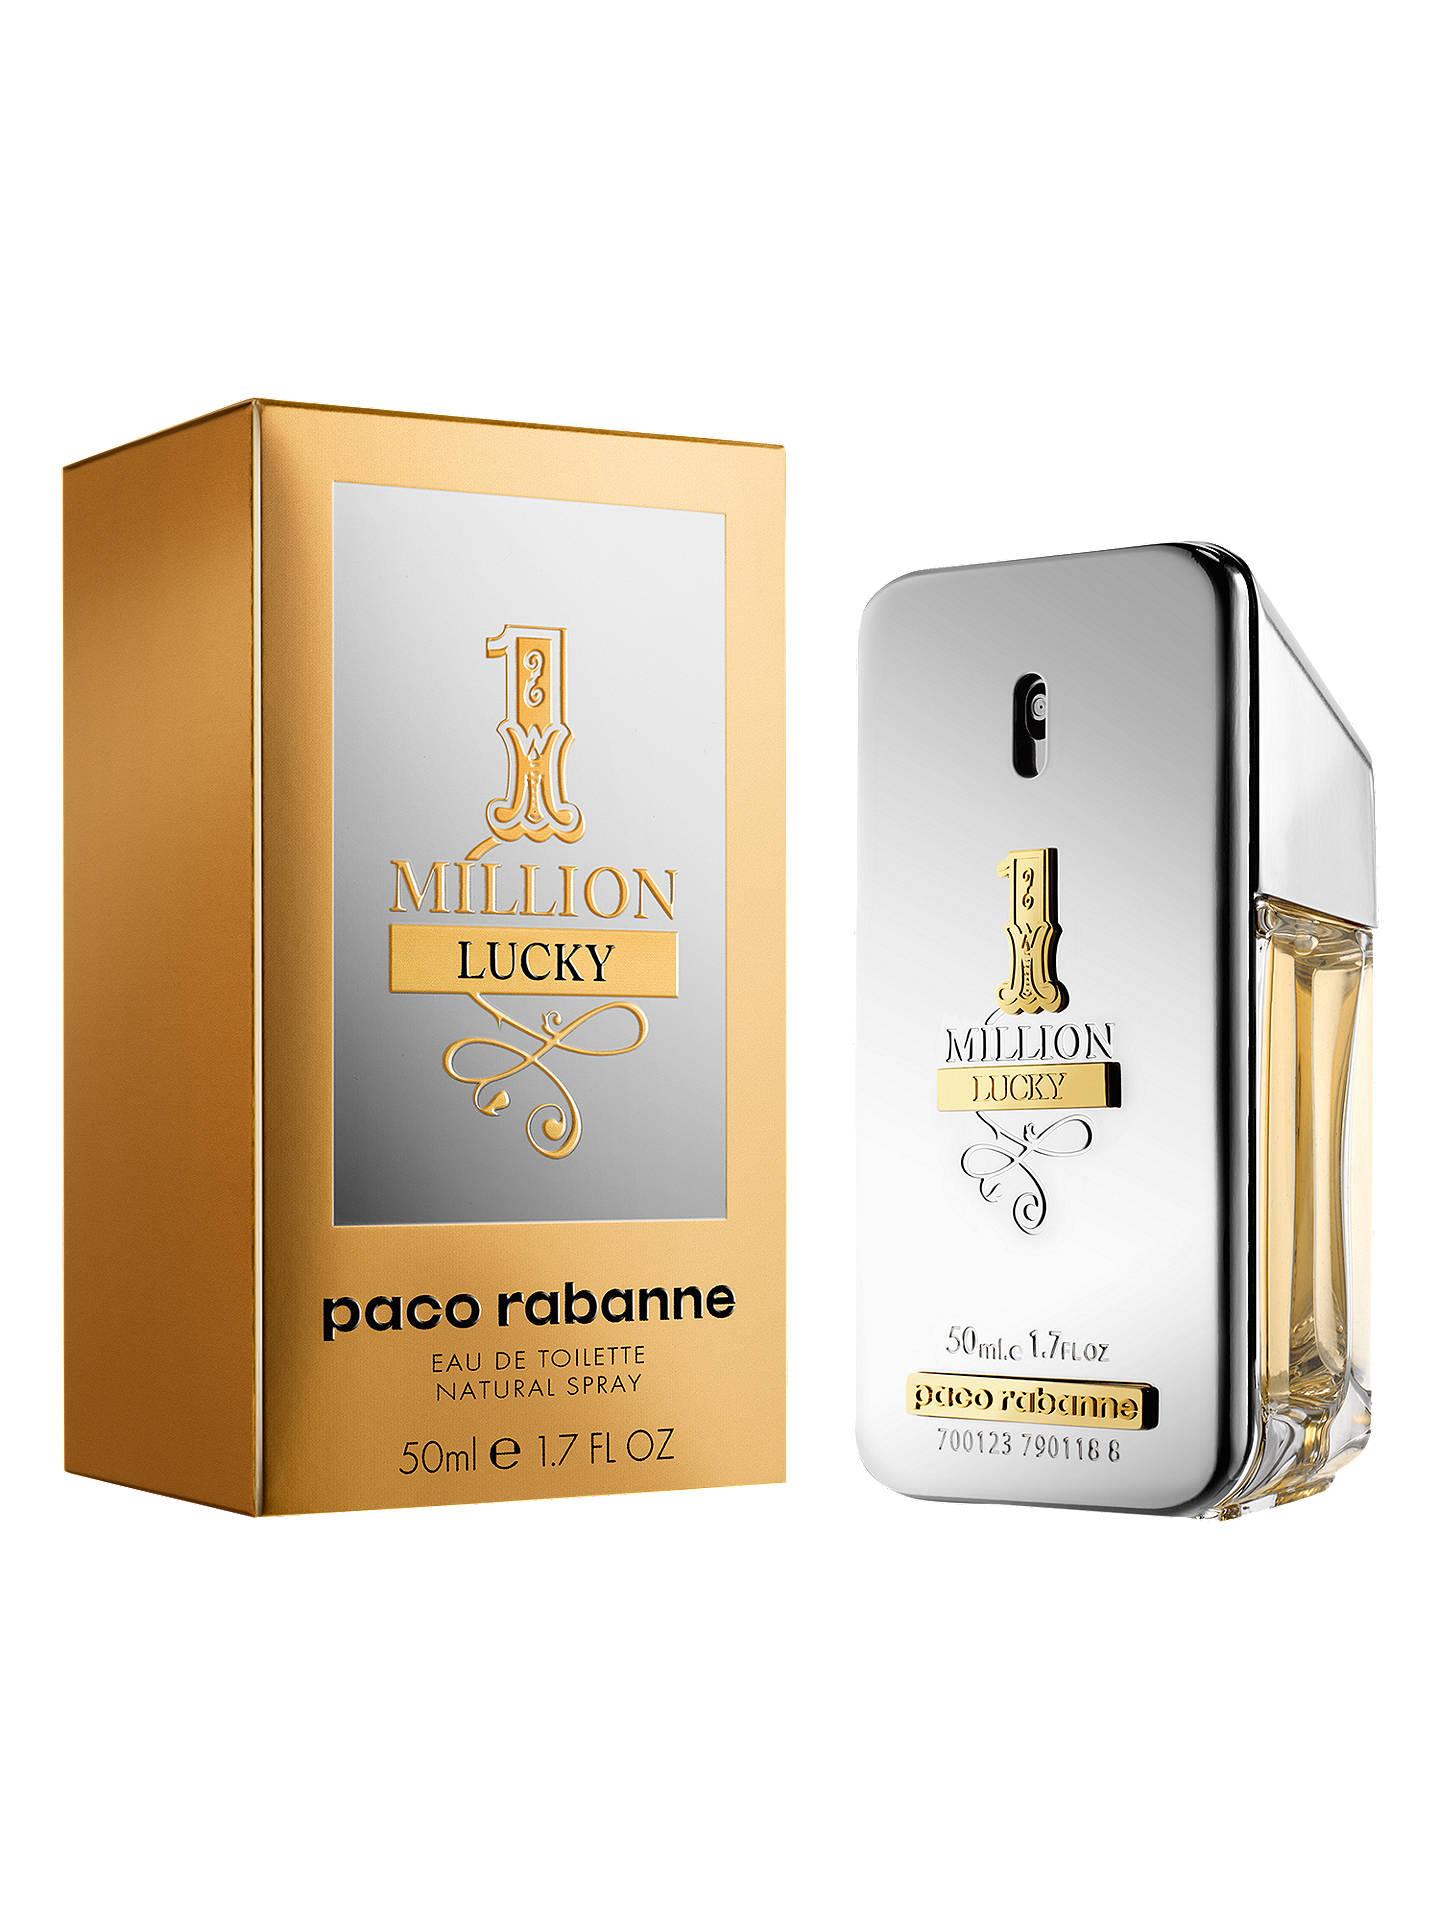 Paco Rabanne 1 Million Lucky Eau De Toilette At John Lewis Partners